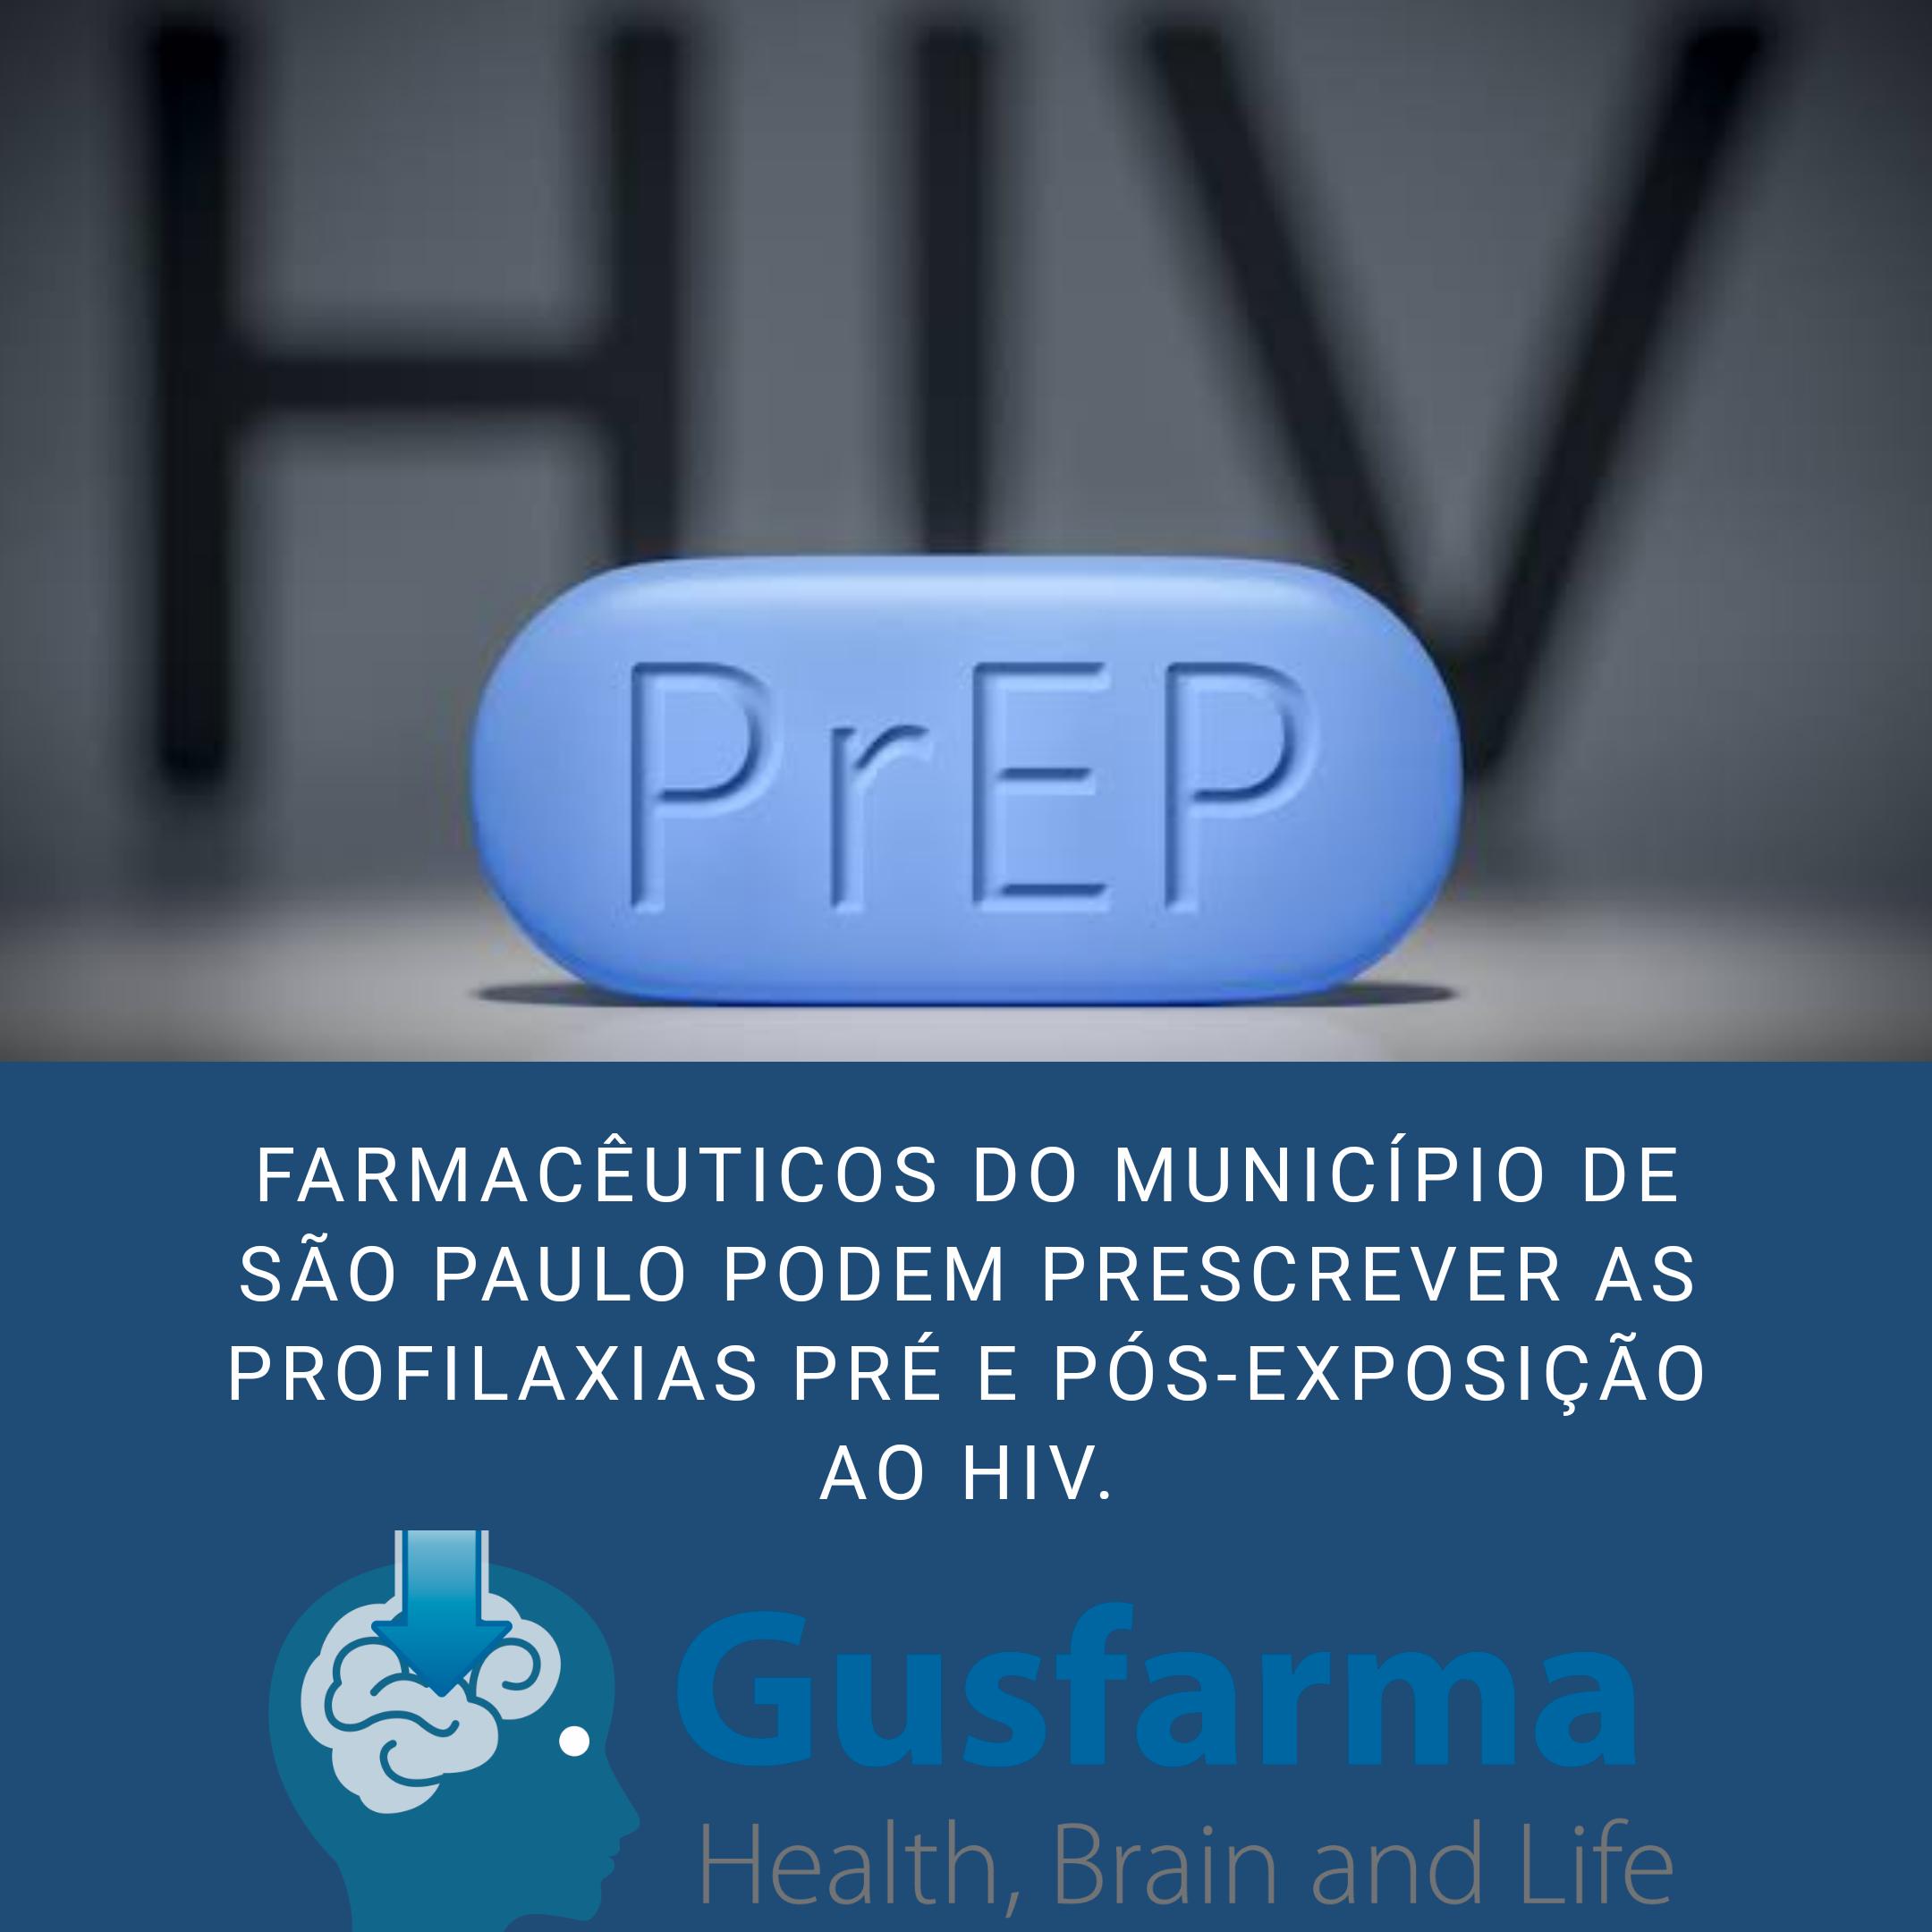 Farmacêuticos do município de São Paulo podem prescrever profilaxia pré e pós exposição ao HIV.